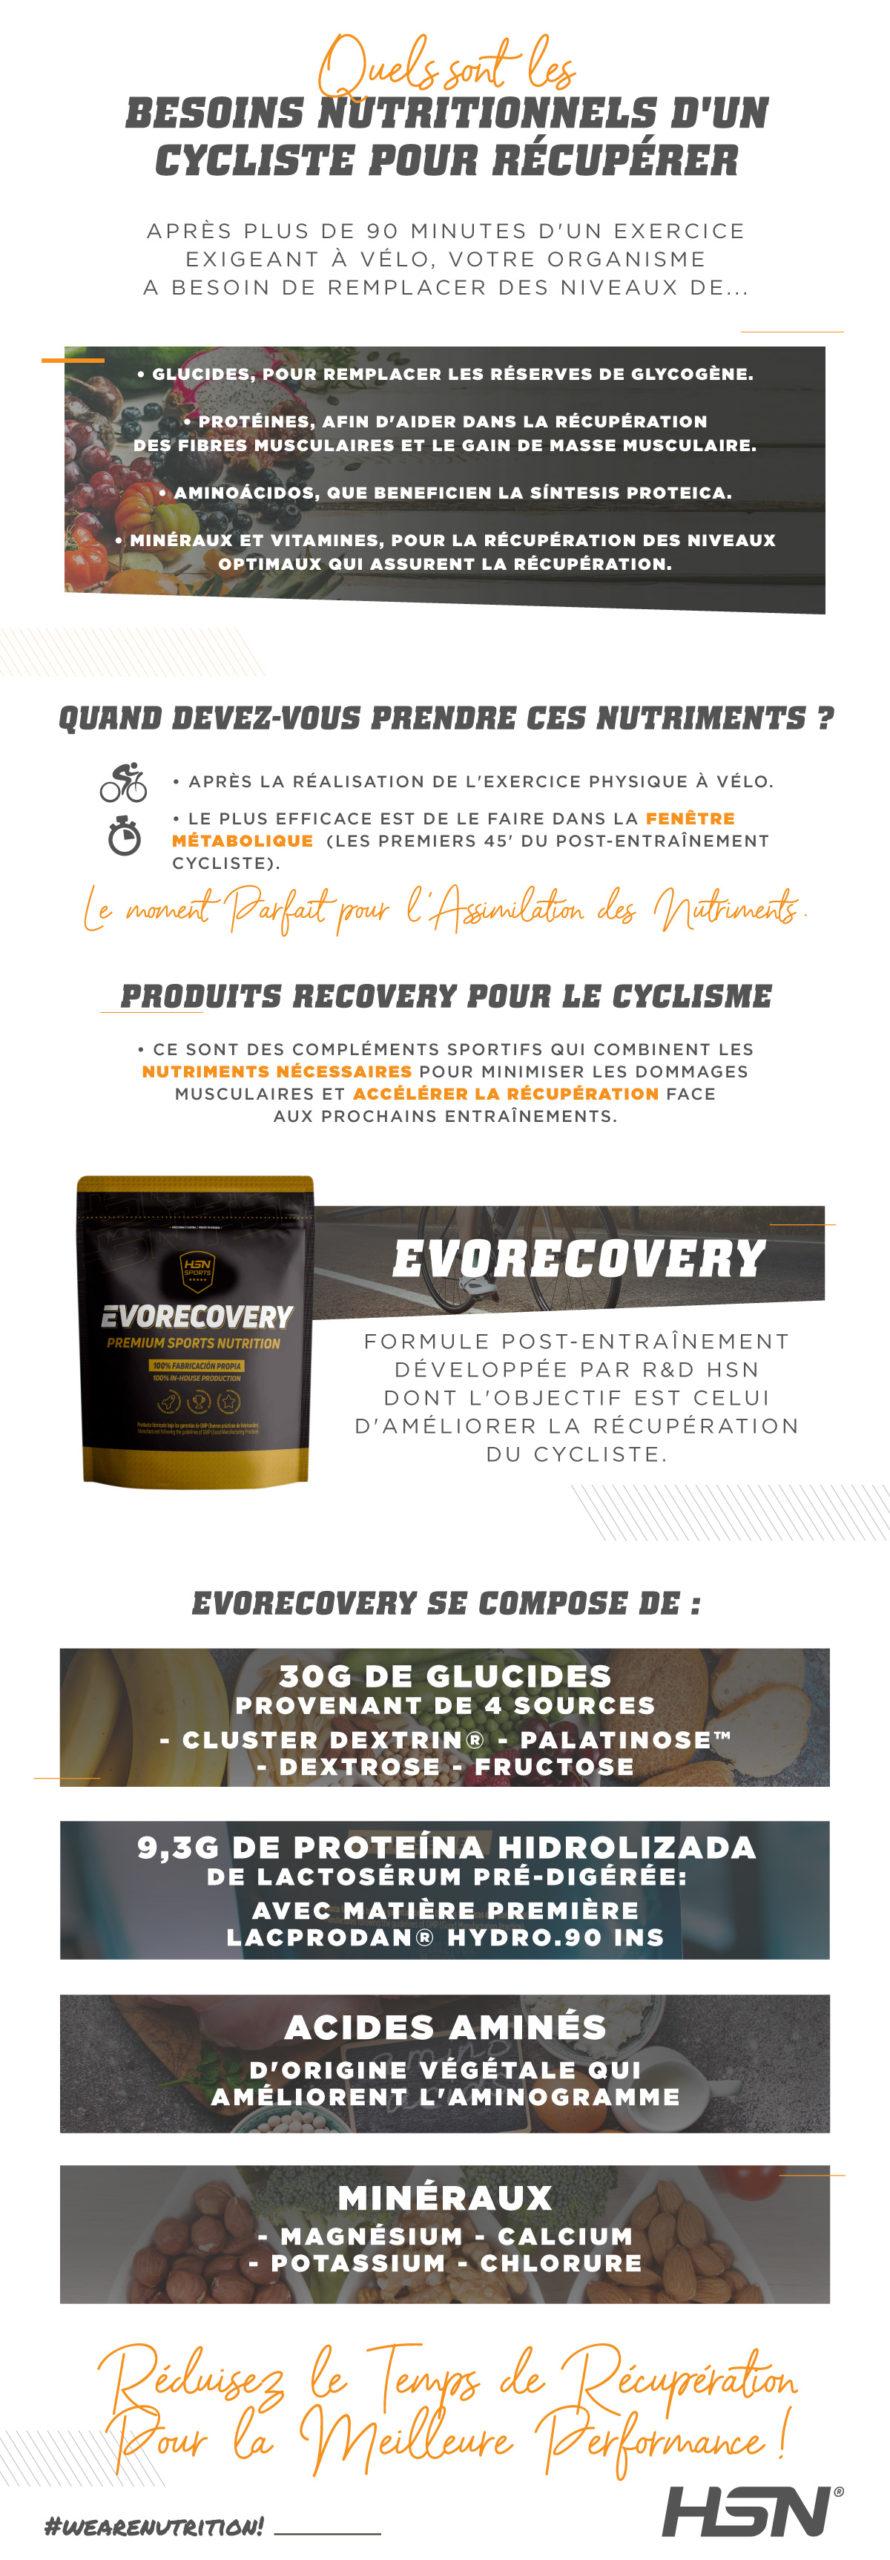 Evorecovery-cyclisme